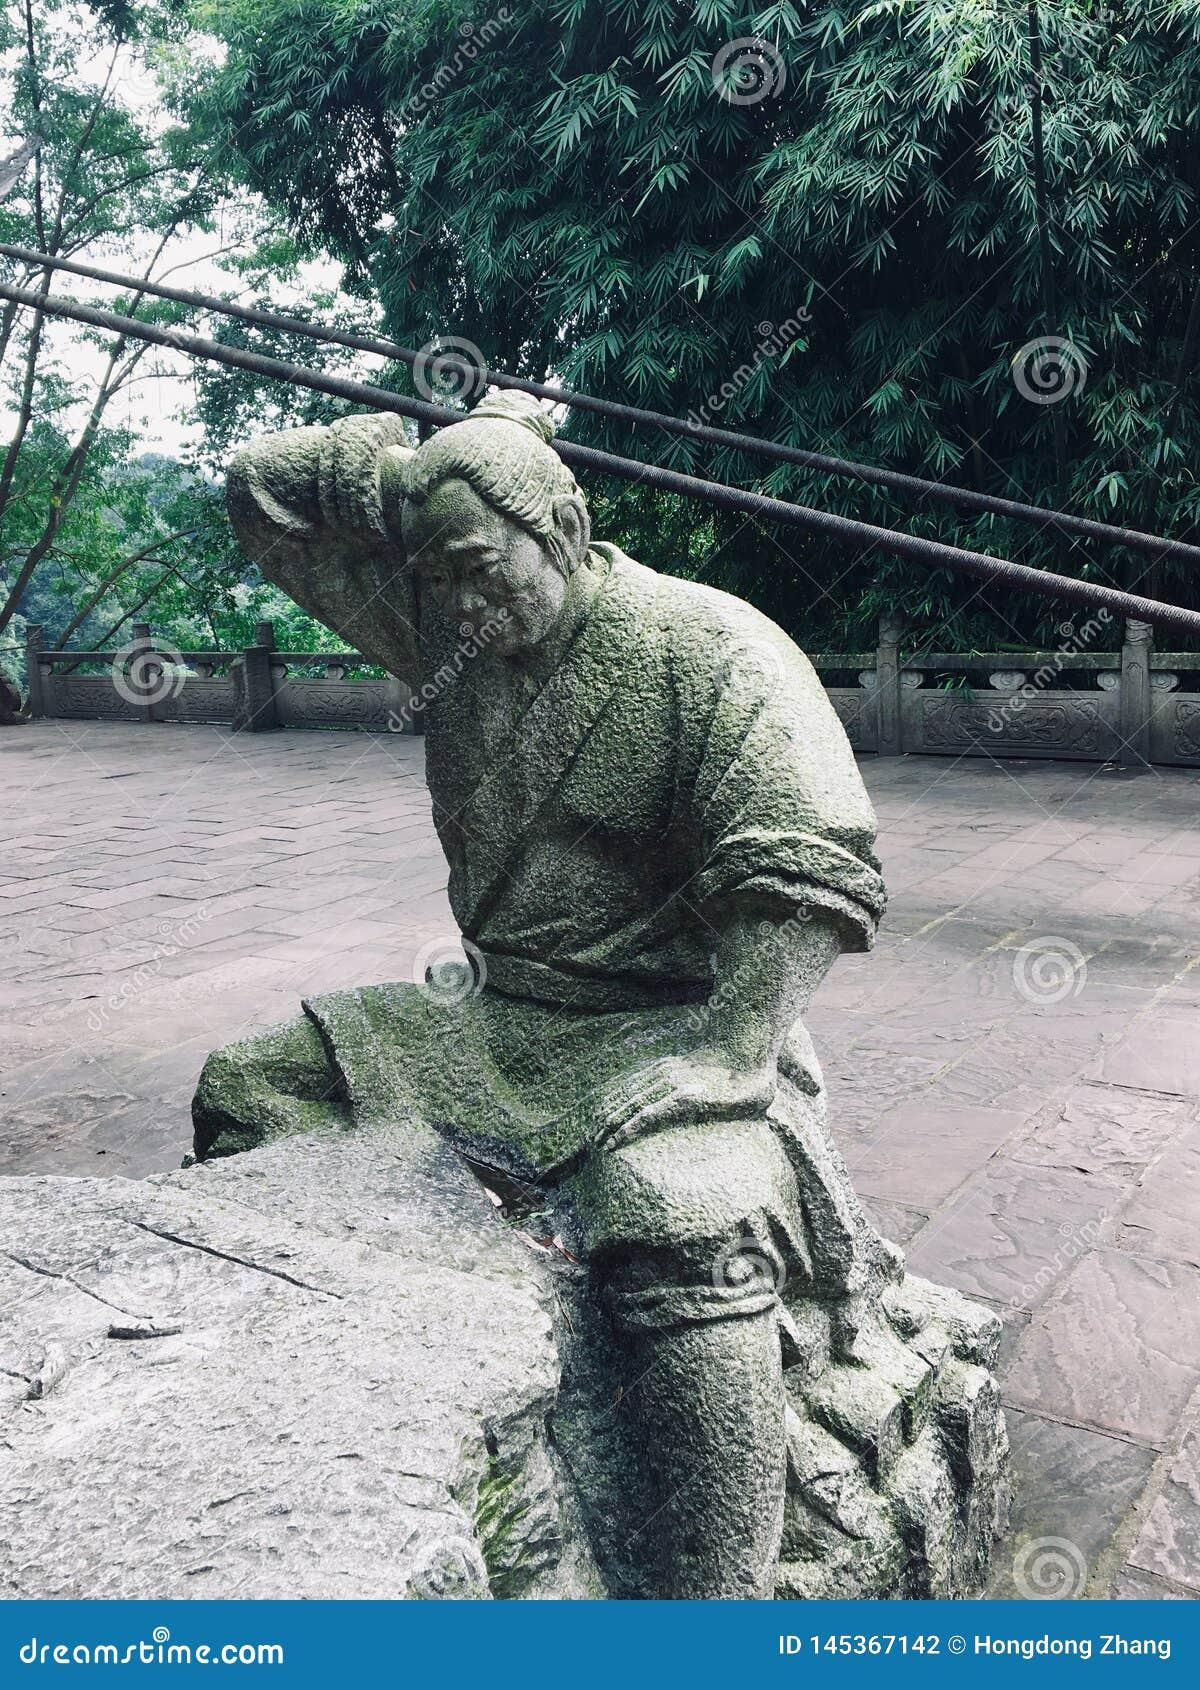 La talla de piedra del granjero que está pensando en cómo jugar a ajedrez